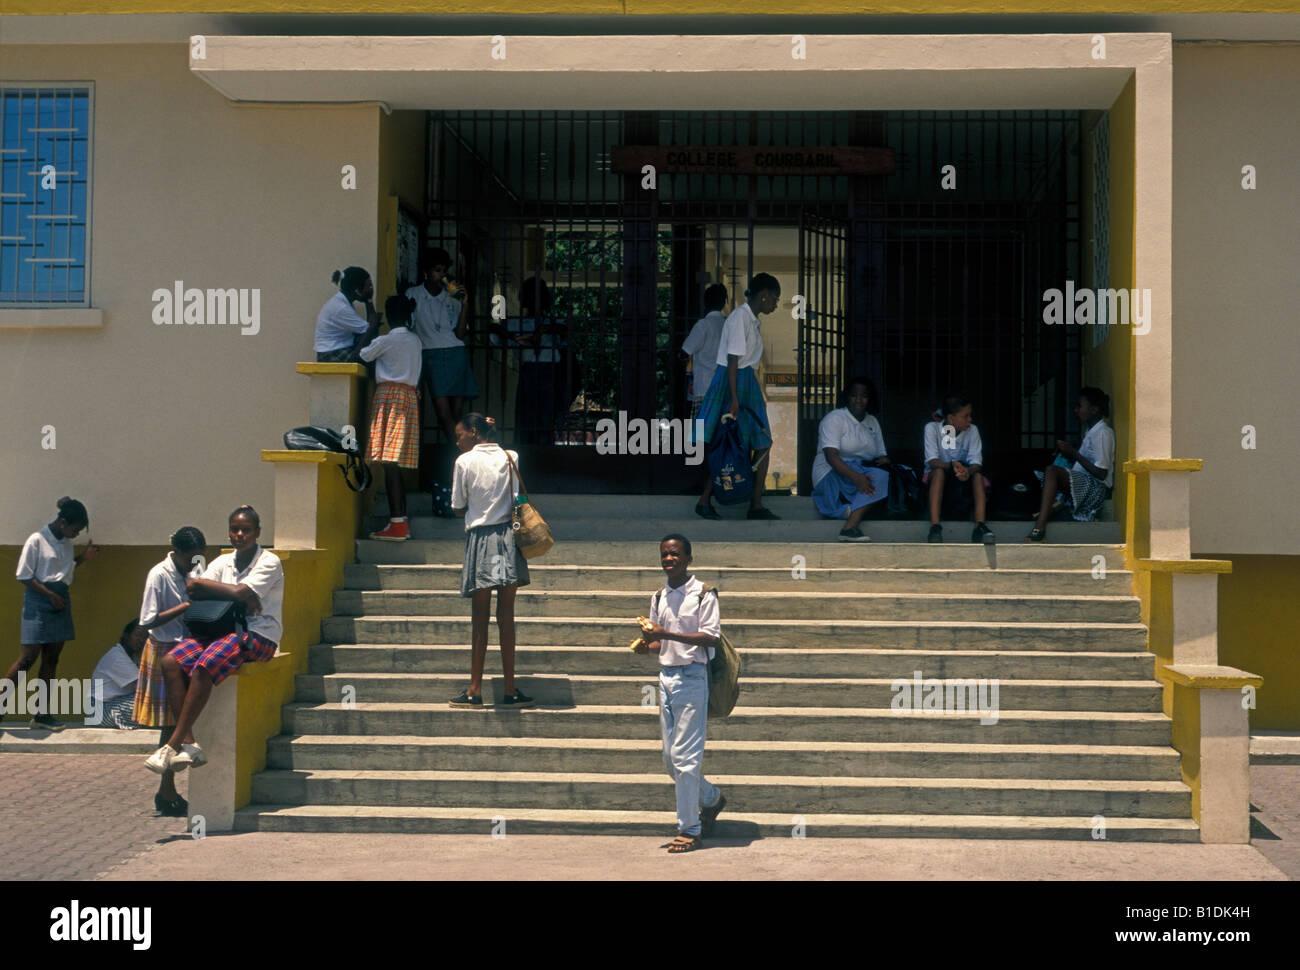 students, schoolgirl, schoolgirls, schoolboy, classmates, College Courbaril, school, Pointe-Noire, Basse-Terre, - Stock Image